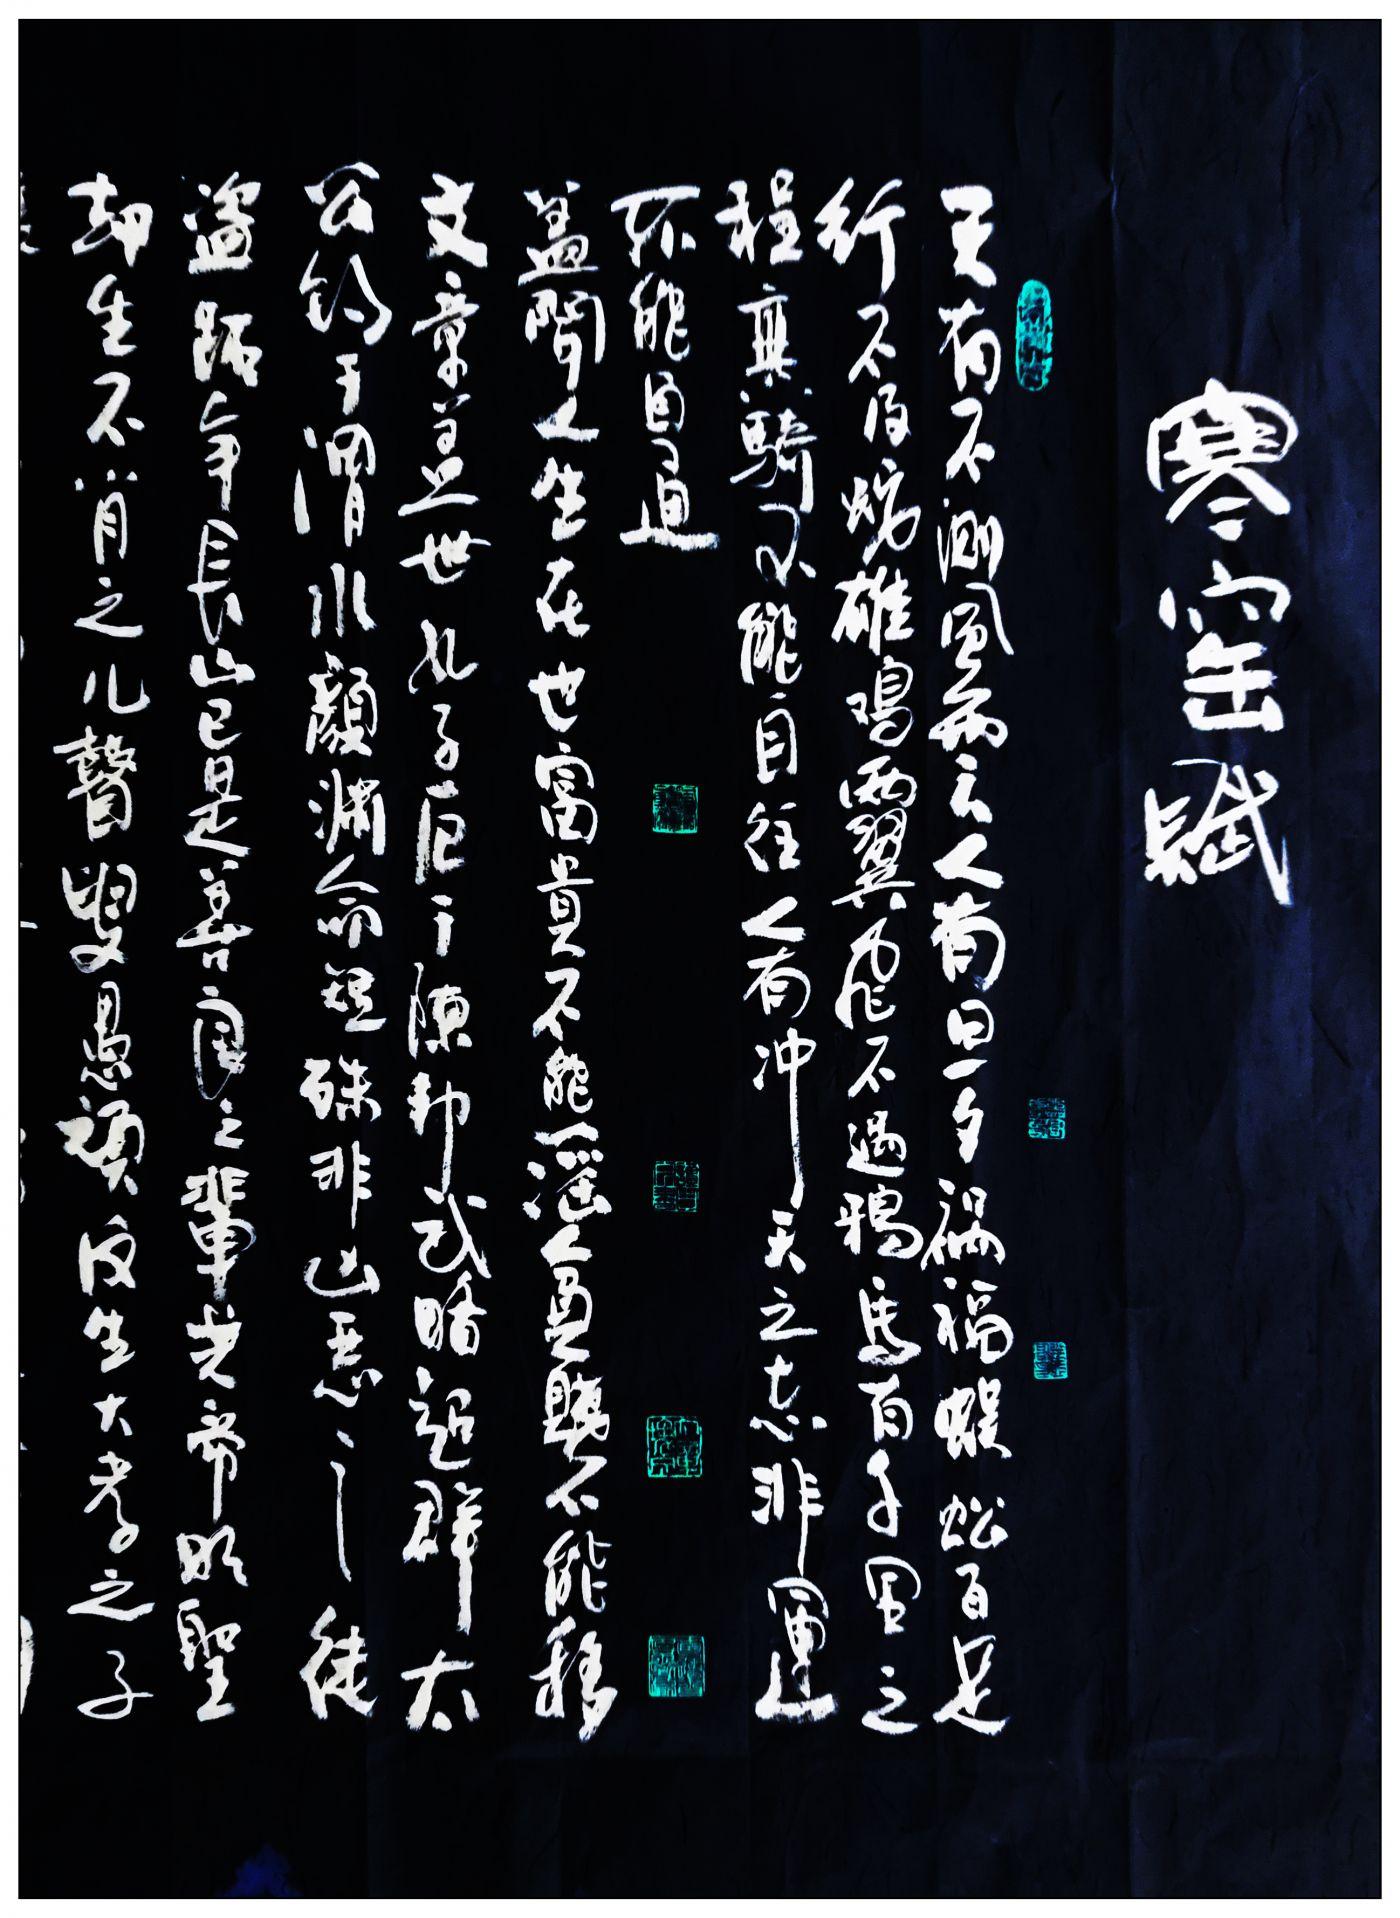 牛志高书法2021.04.16_图1-2